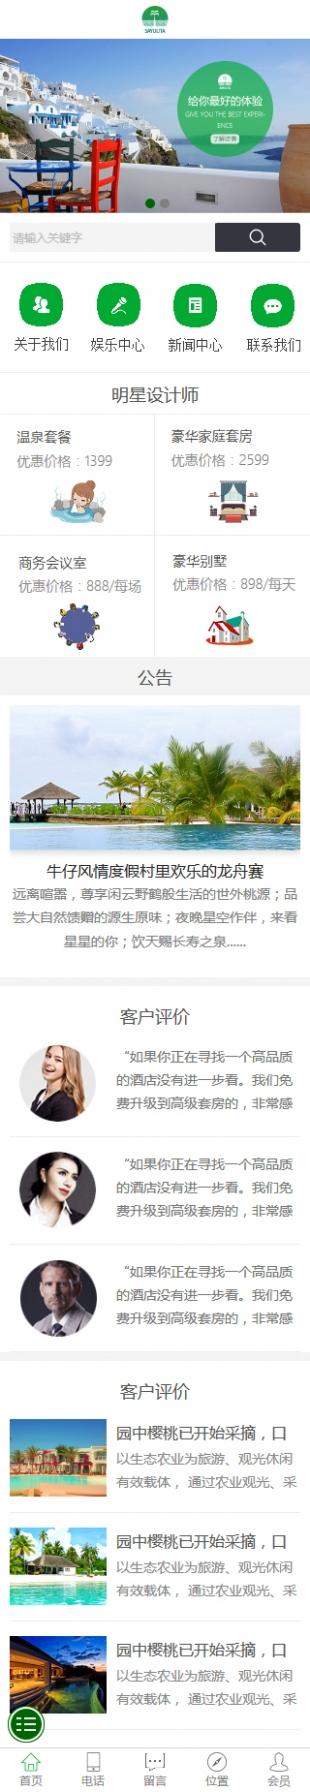 休闲娱乐类网站通用模板手机图片